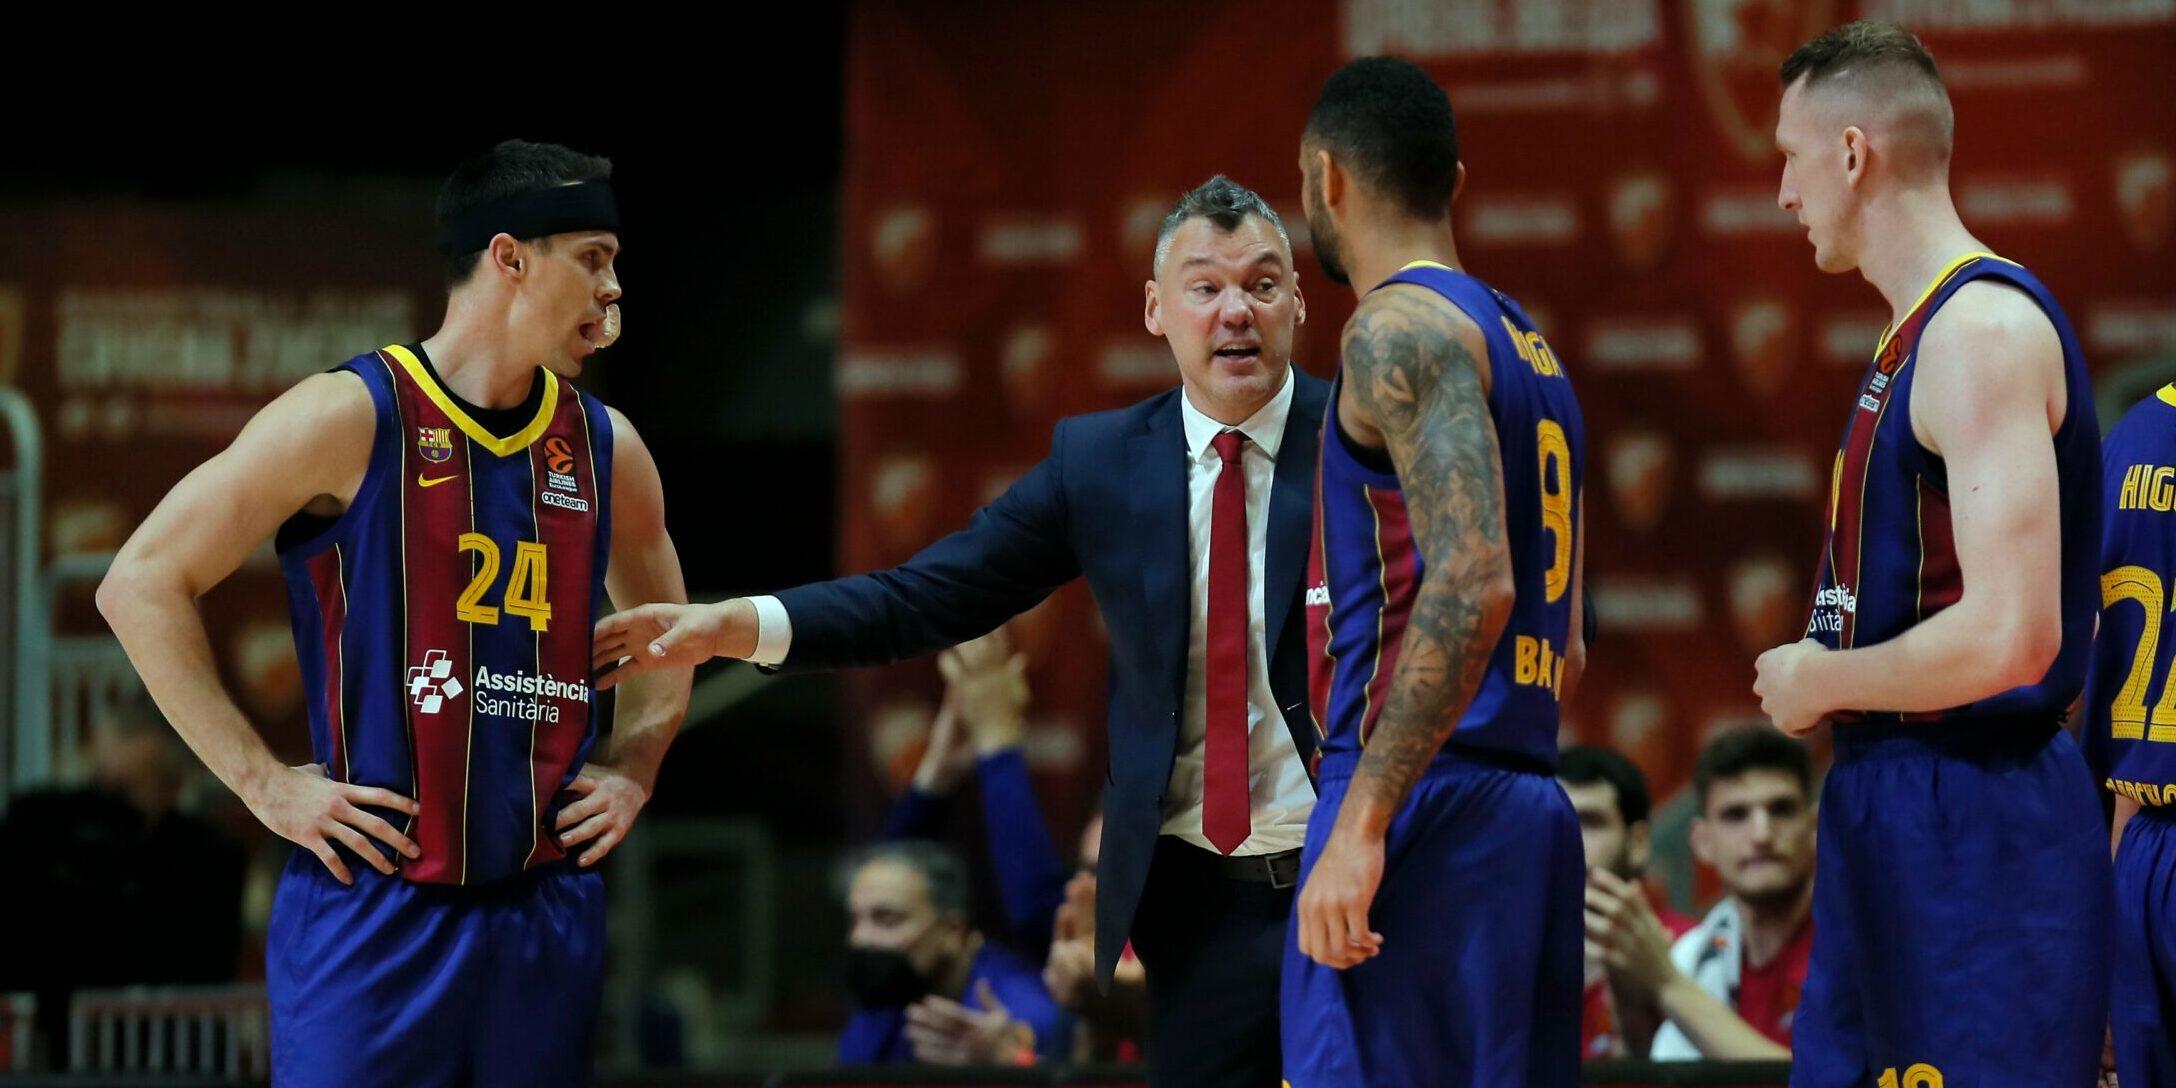 Els jugadors del Barça de bàsquet, a la pista de l'Estrella Roja | FC Barcelona